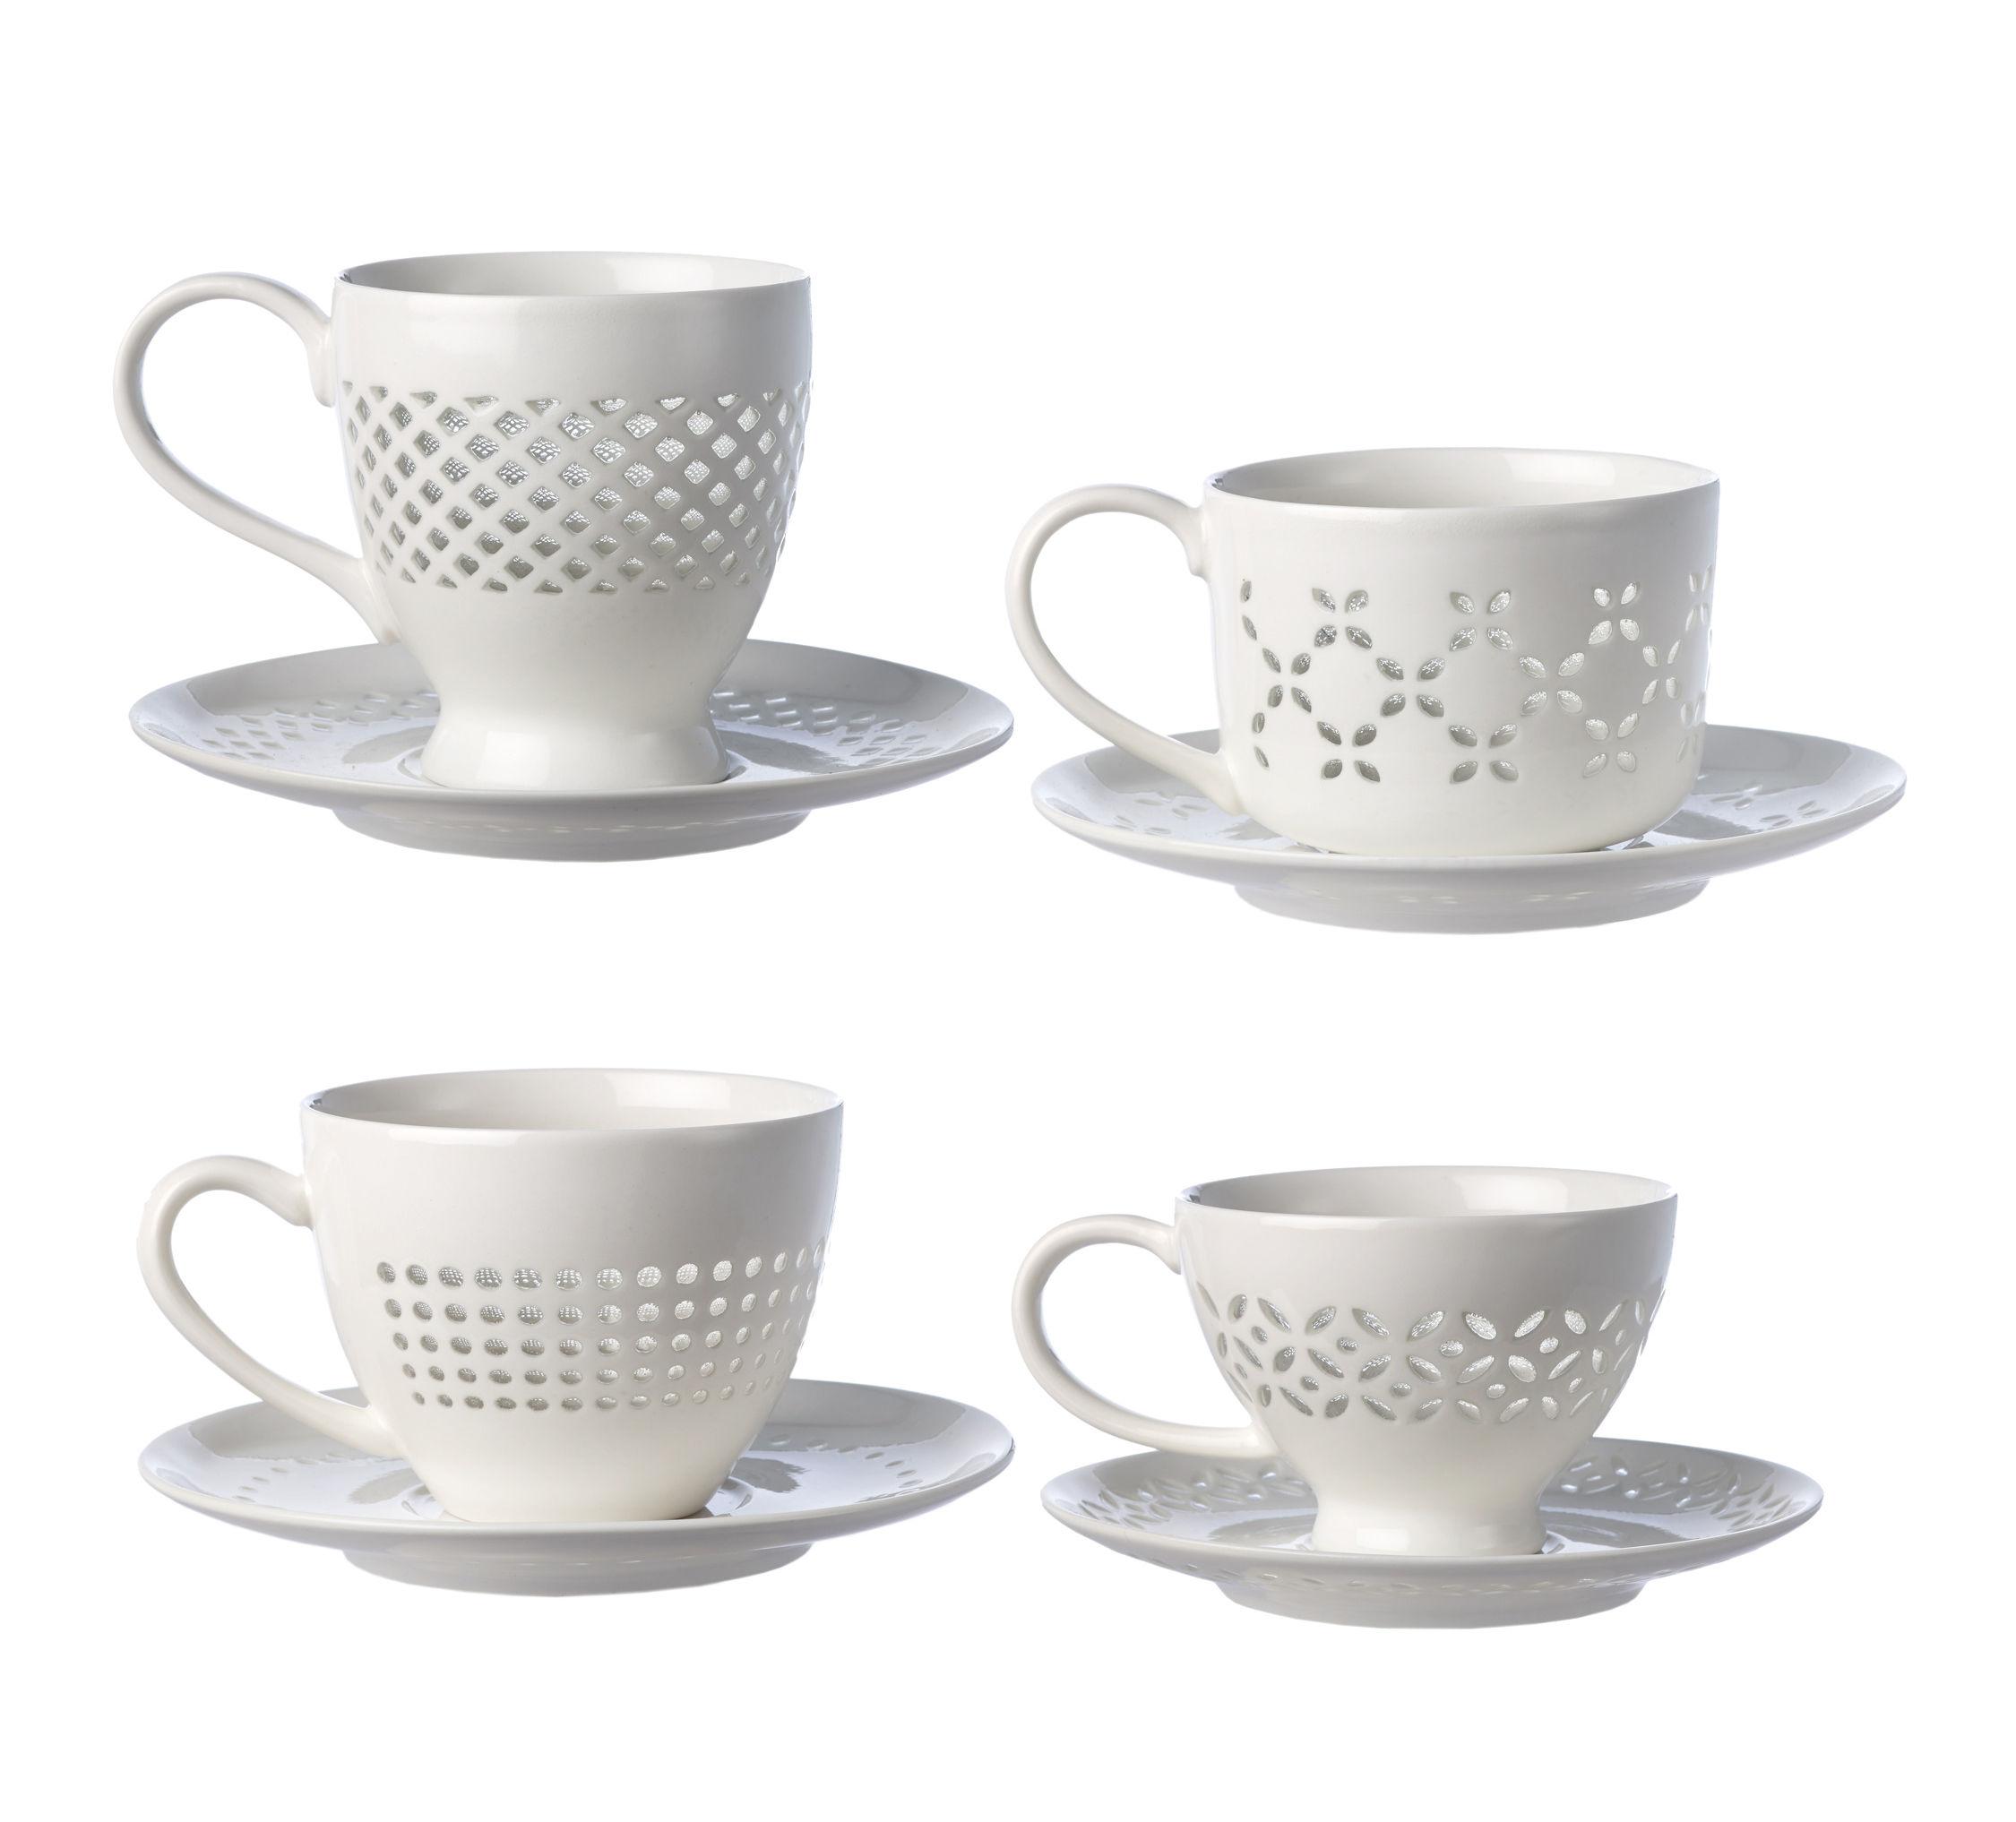 Arts de la table - Tasses et mugs - Tasse à thé Pierced / Set de 4 tasses et soucoupes - Pols Potten - Blanc - Porcelaine émaillée